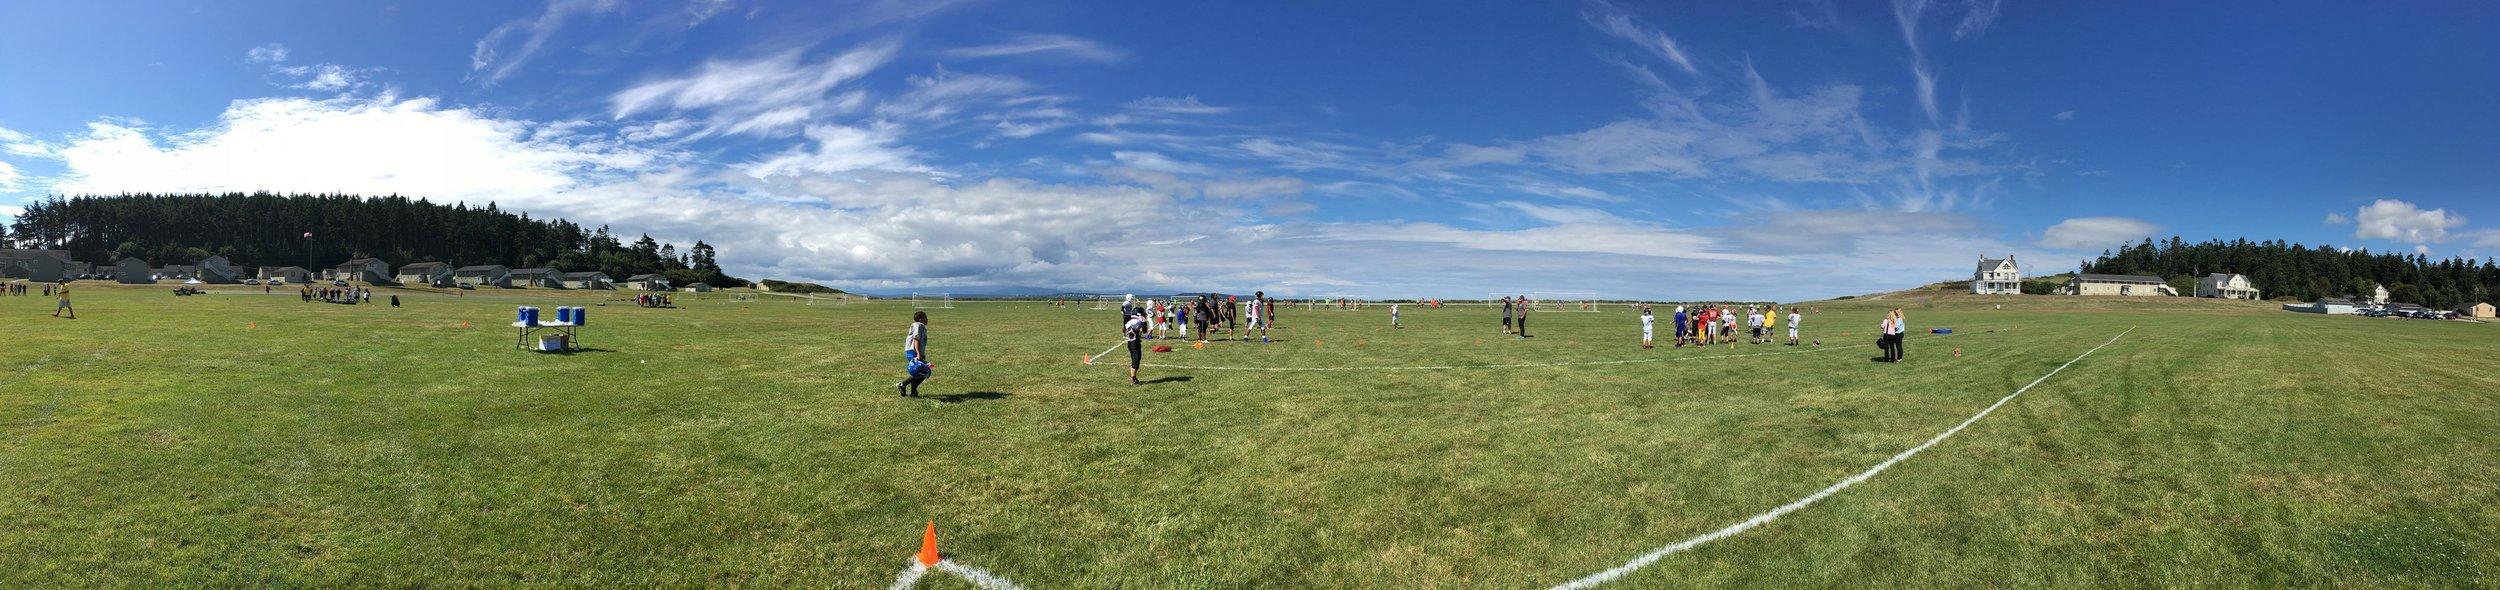 field 3.jpg